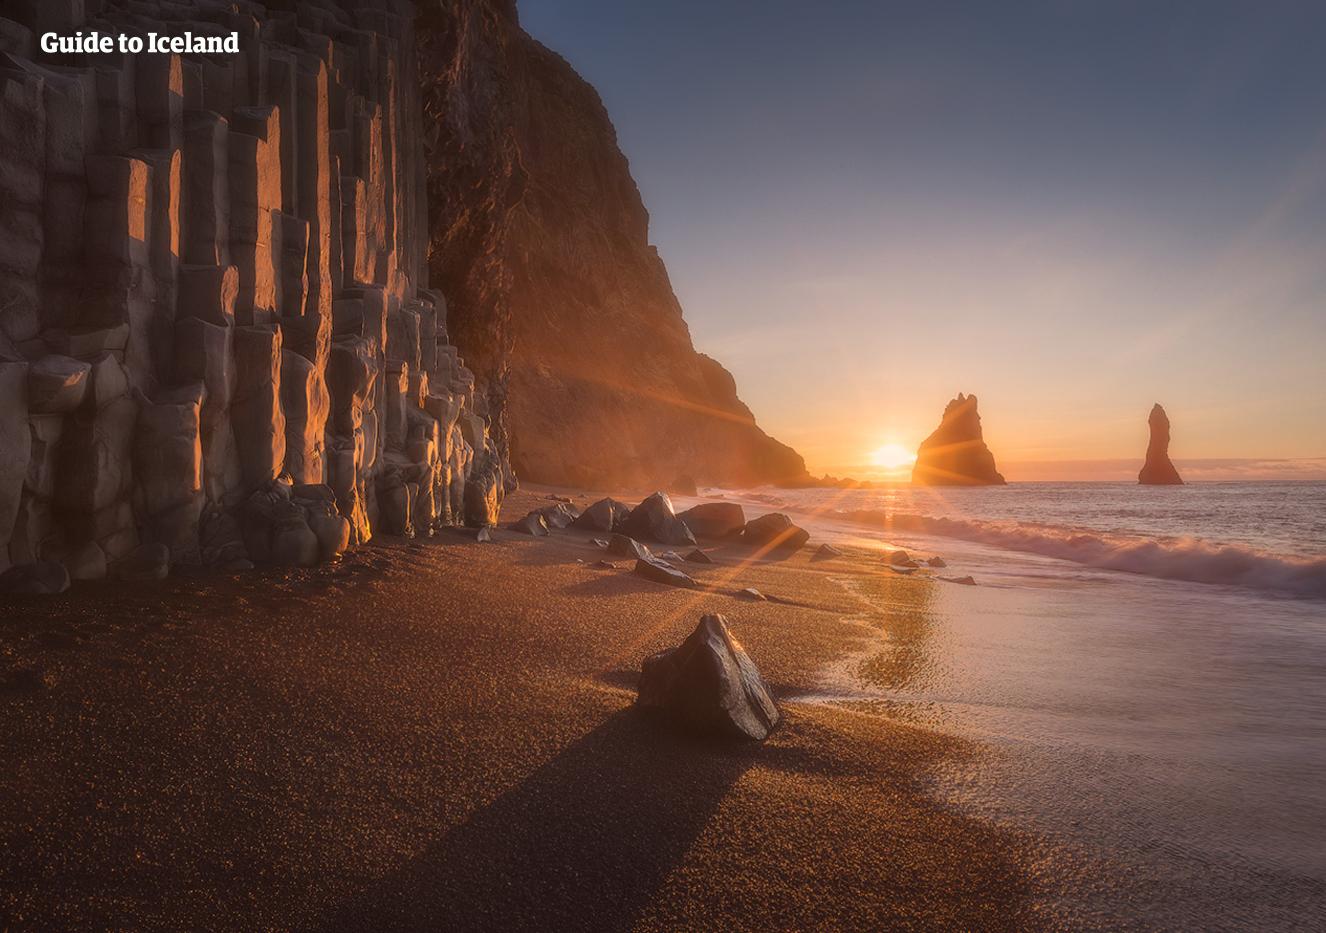 冰岛南岸黑沙滩的日落景象